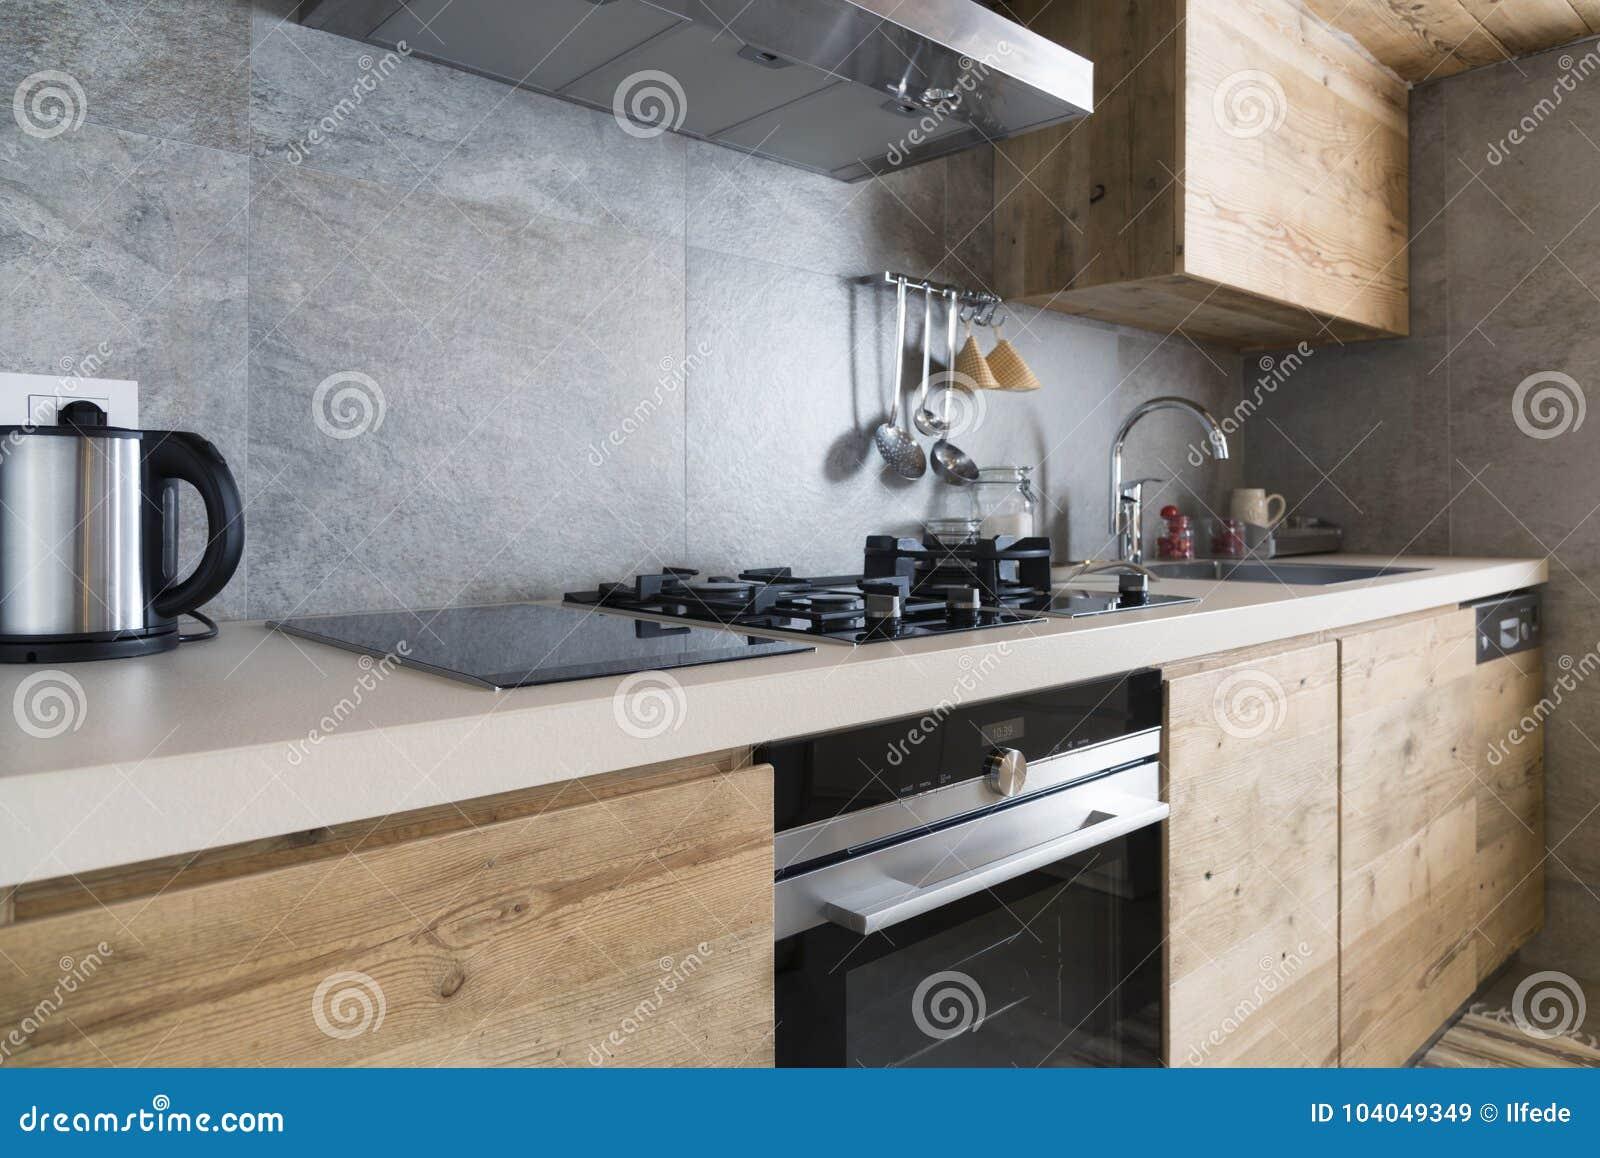 Comptoir De Cuisine En Bois Moderne Image stock - Image du ...